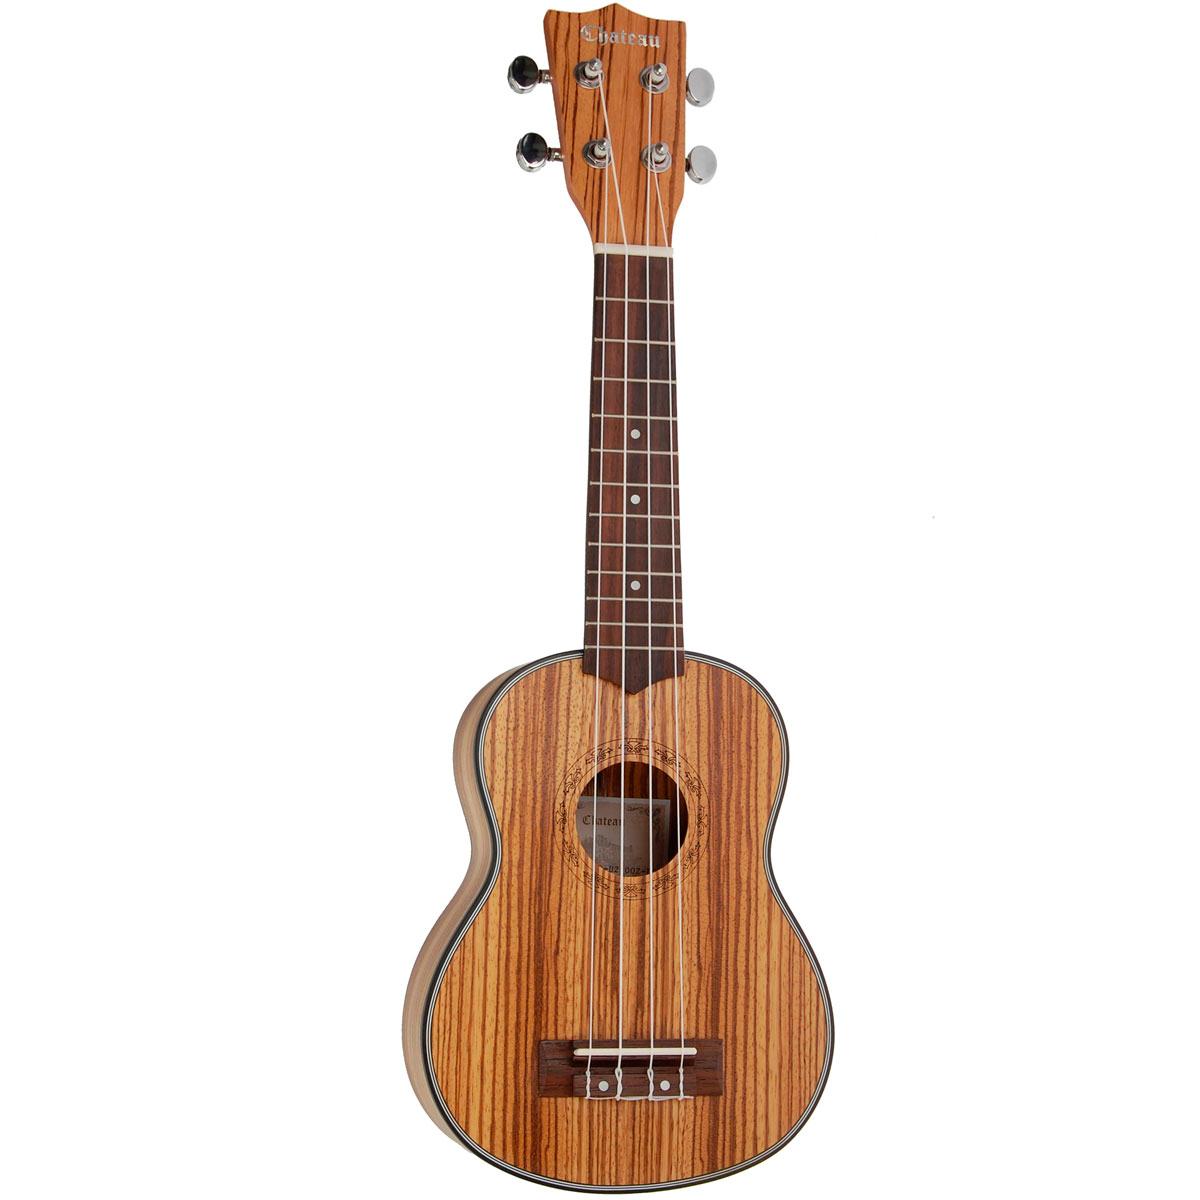 Billede af Chateau C08-U2100Z ukulele